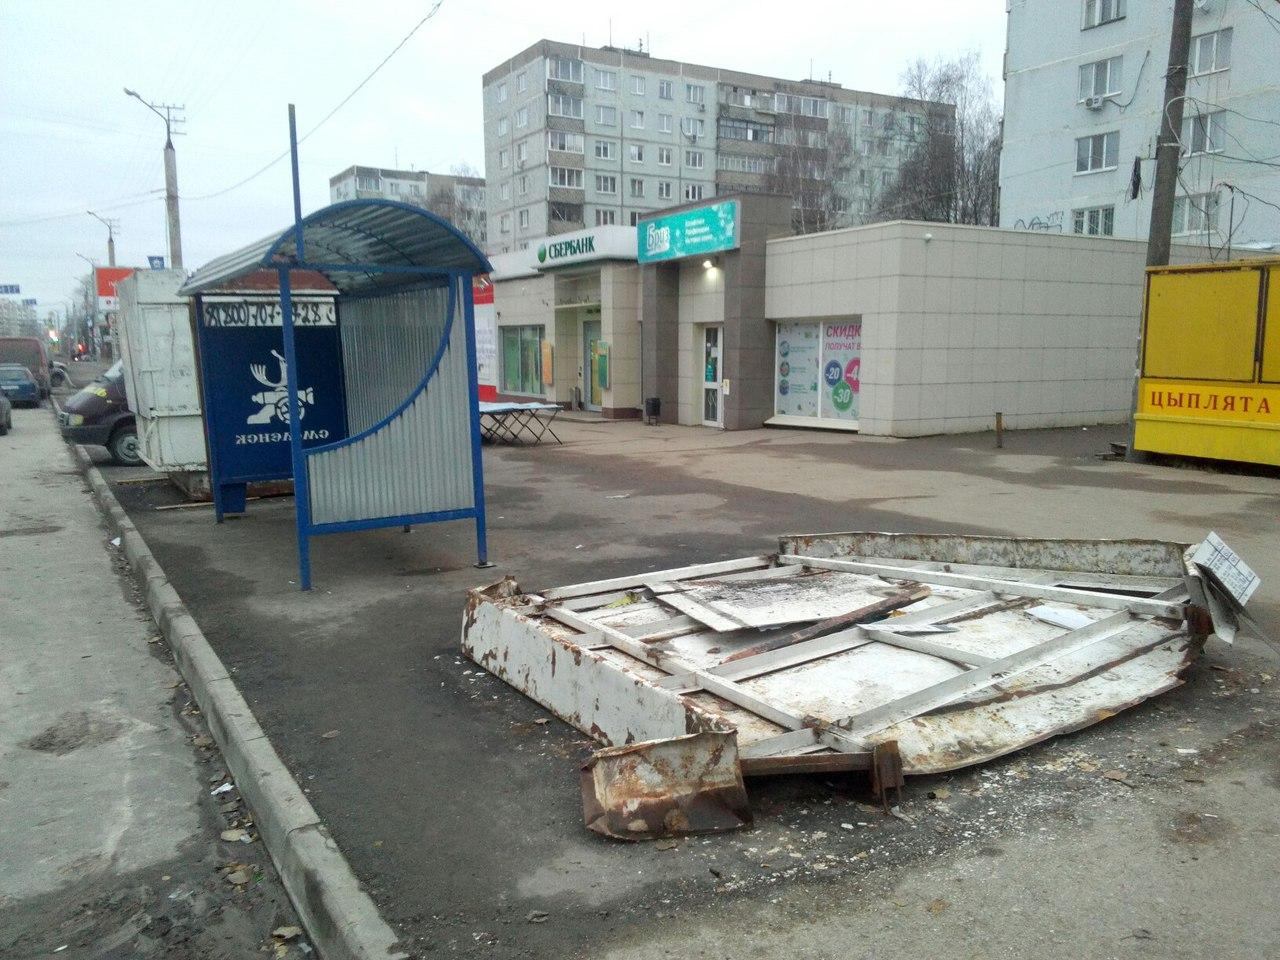 В Смоленске еще одну старую остановку «бросили» рядом с новой